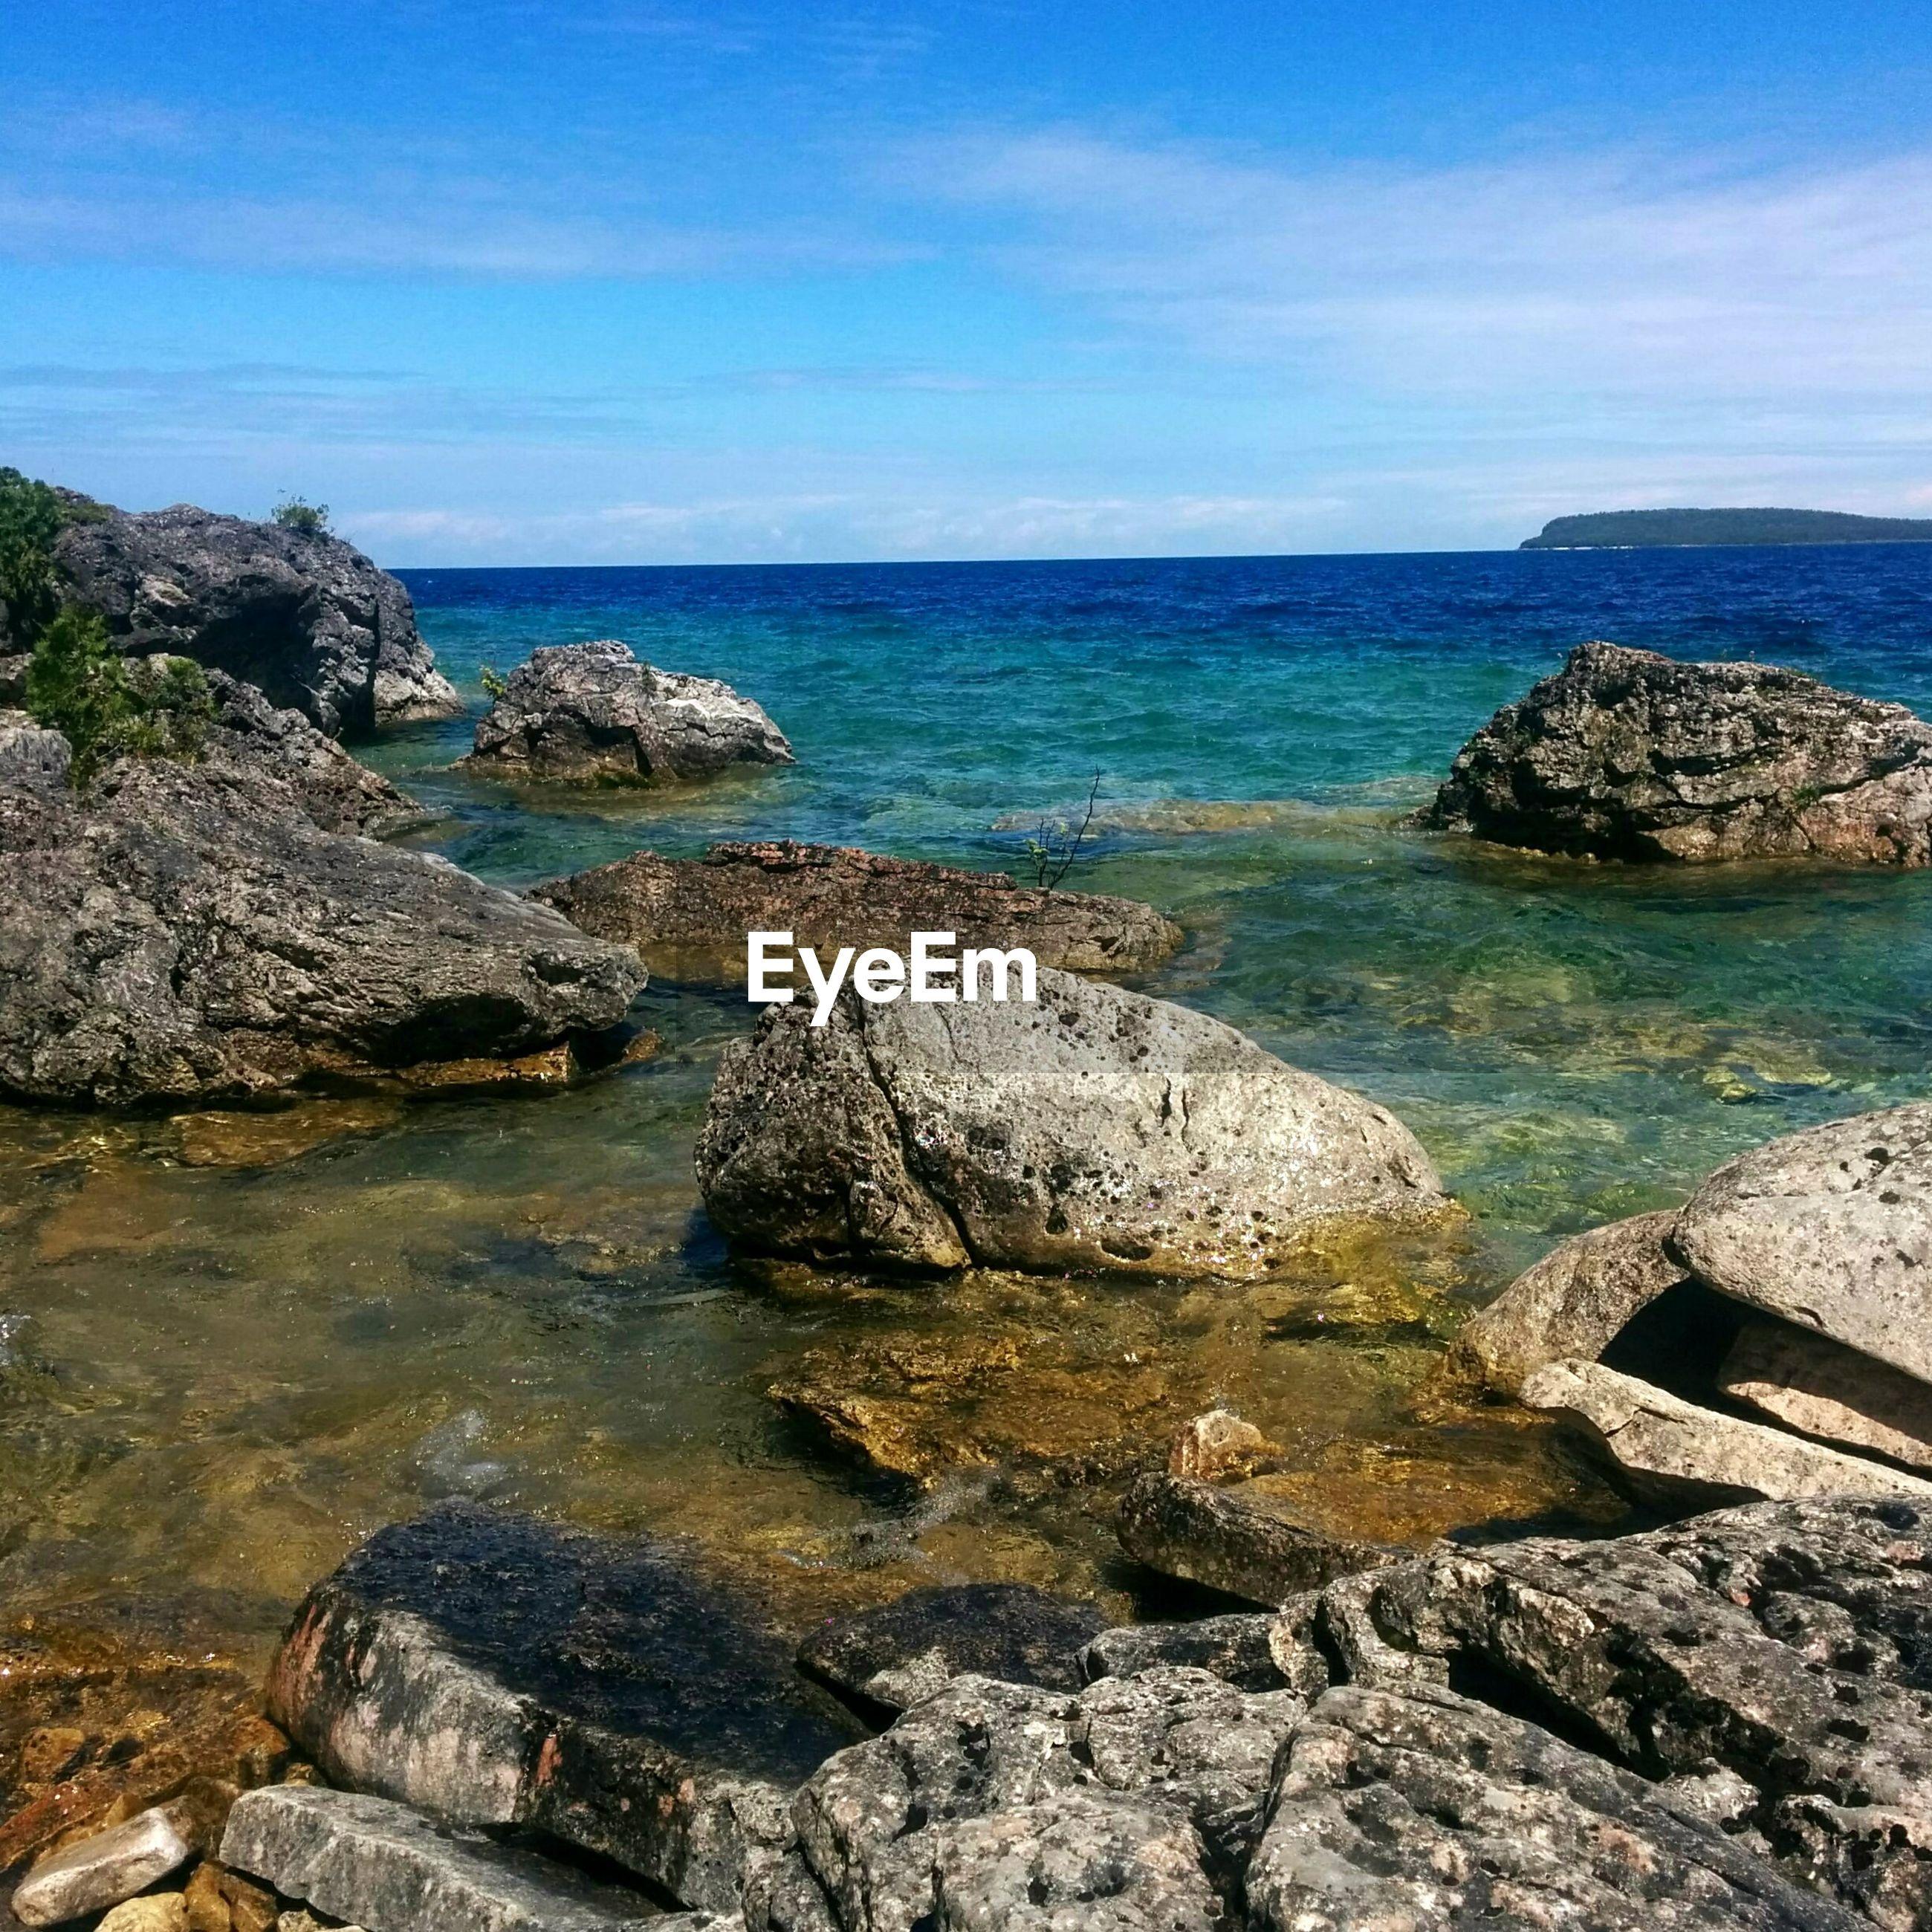 Rocks on sea against blue sky